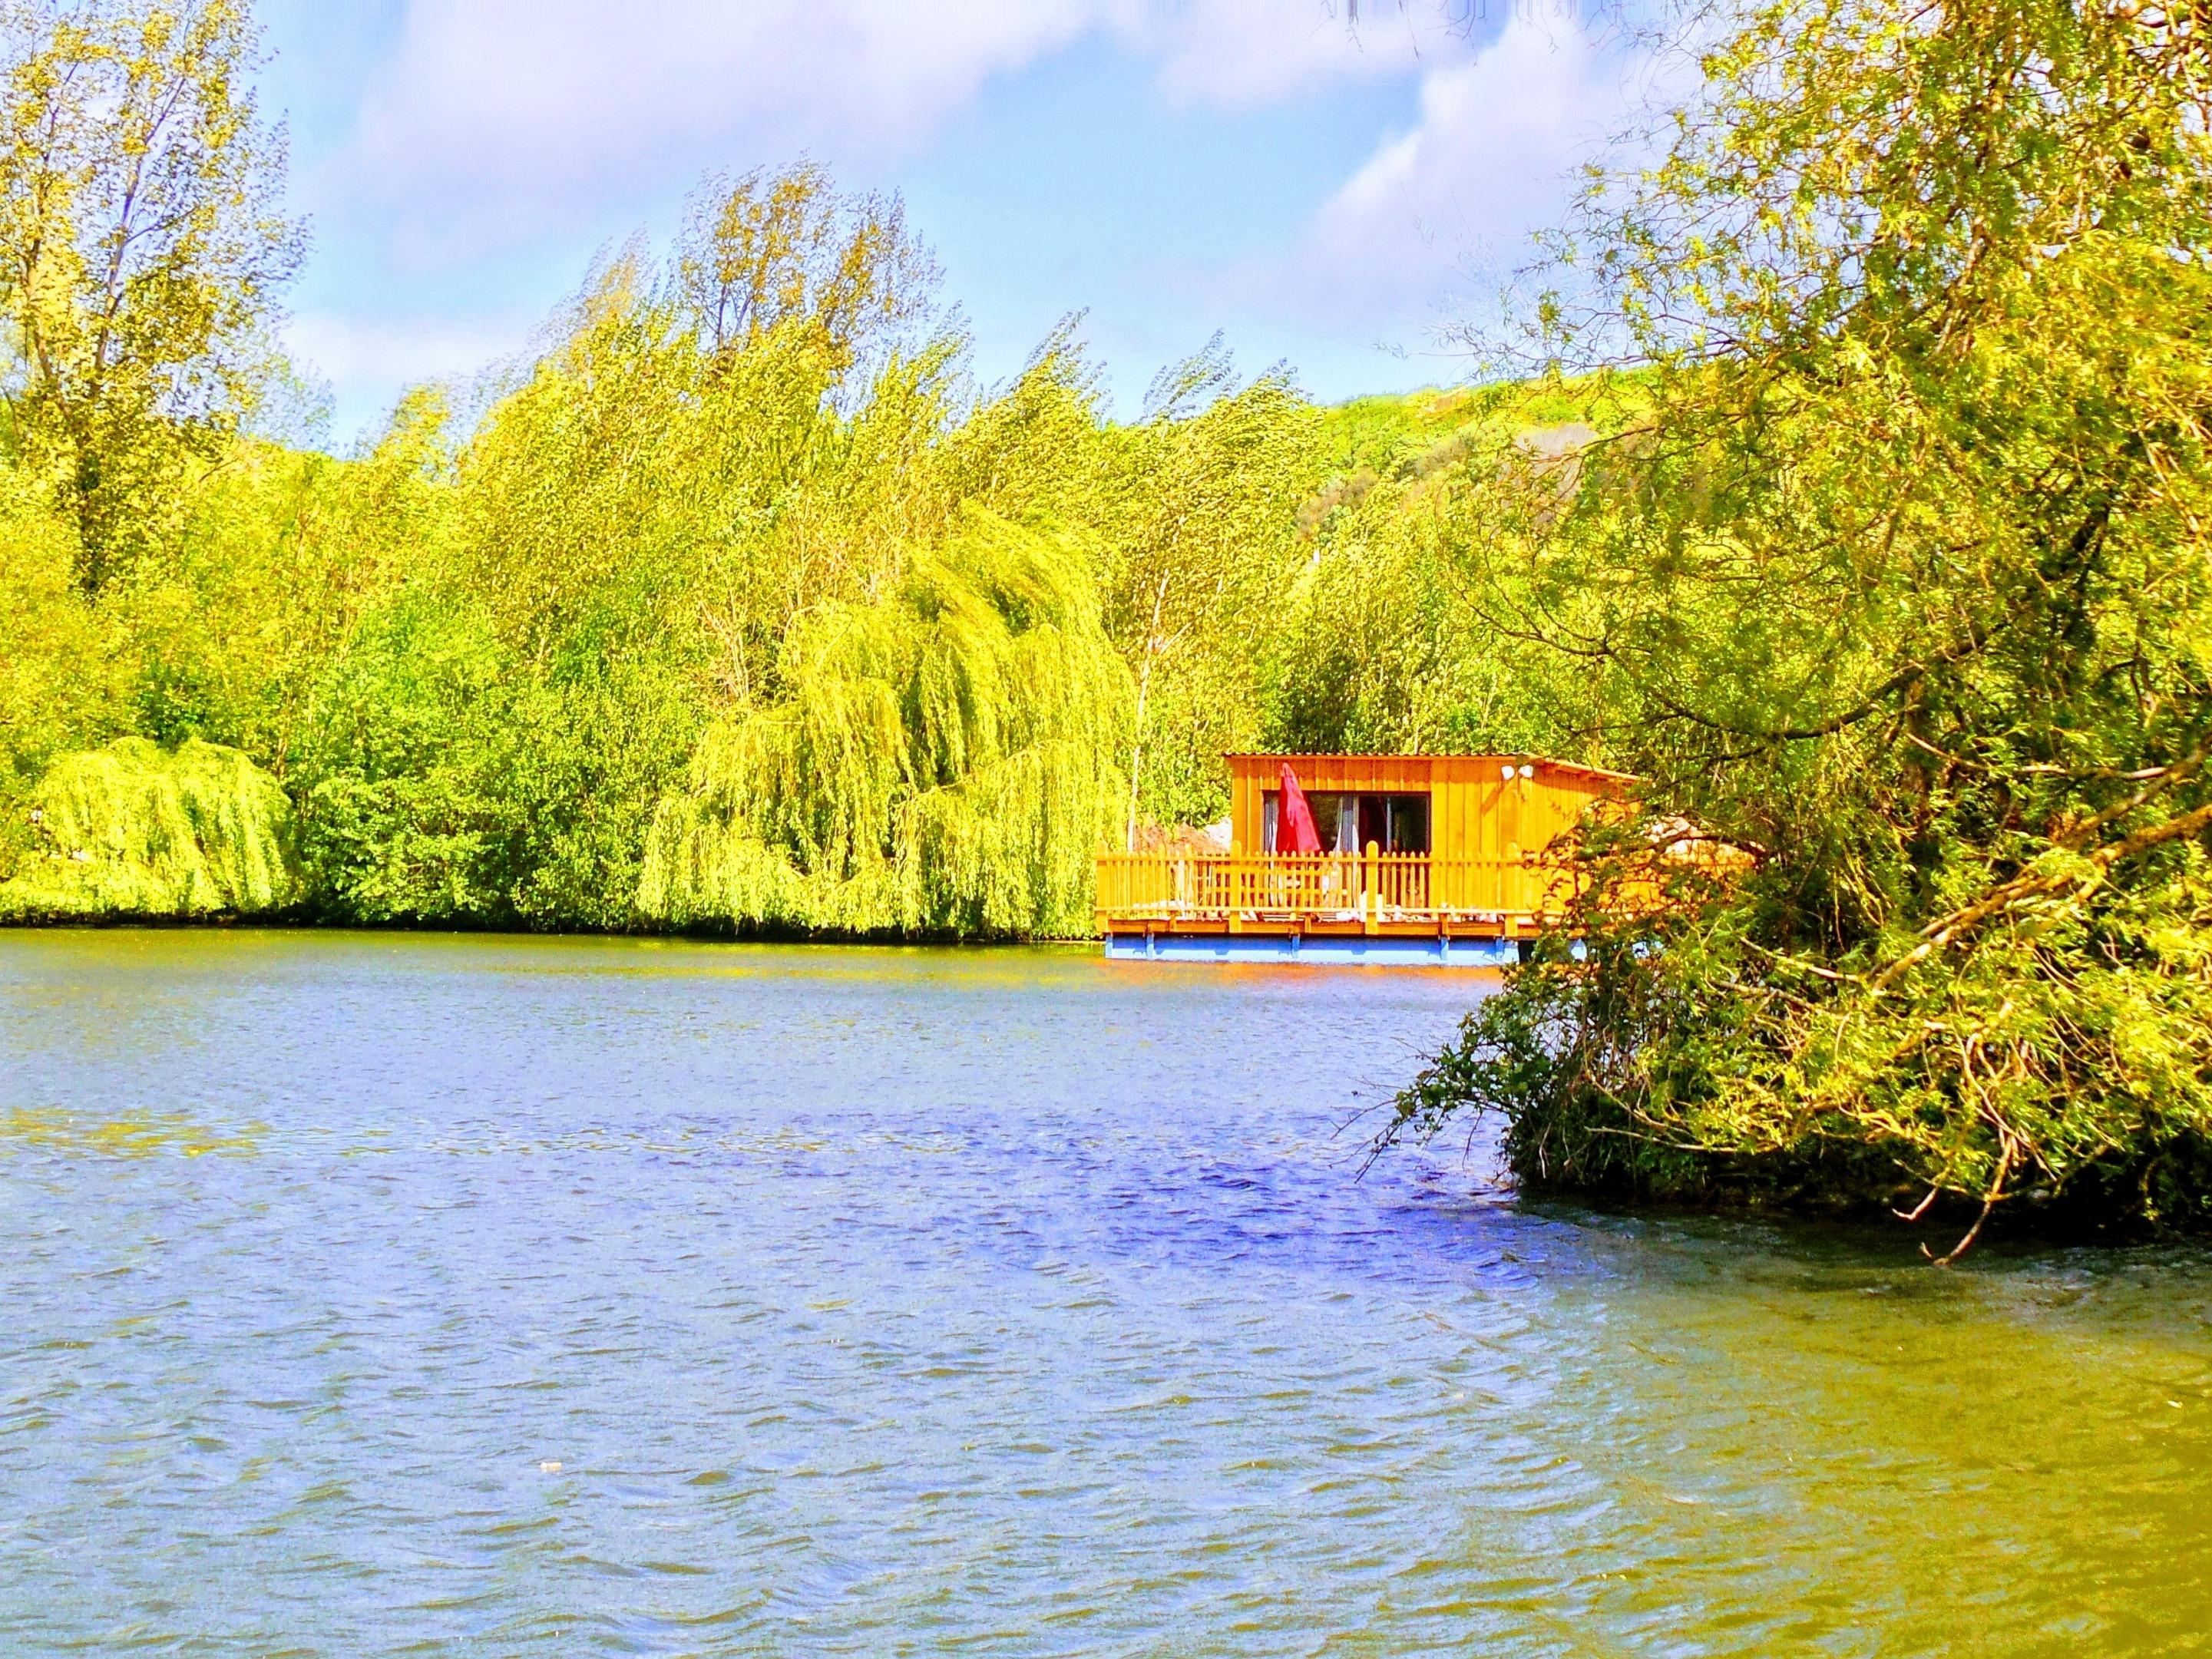 Cabane-Les Songes de Steph-Salle de bain privée séparée-Vue sur Lac - Tarif de base